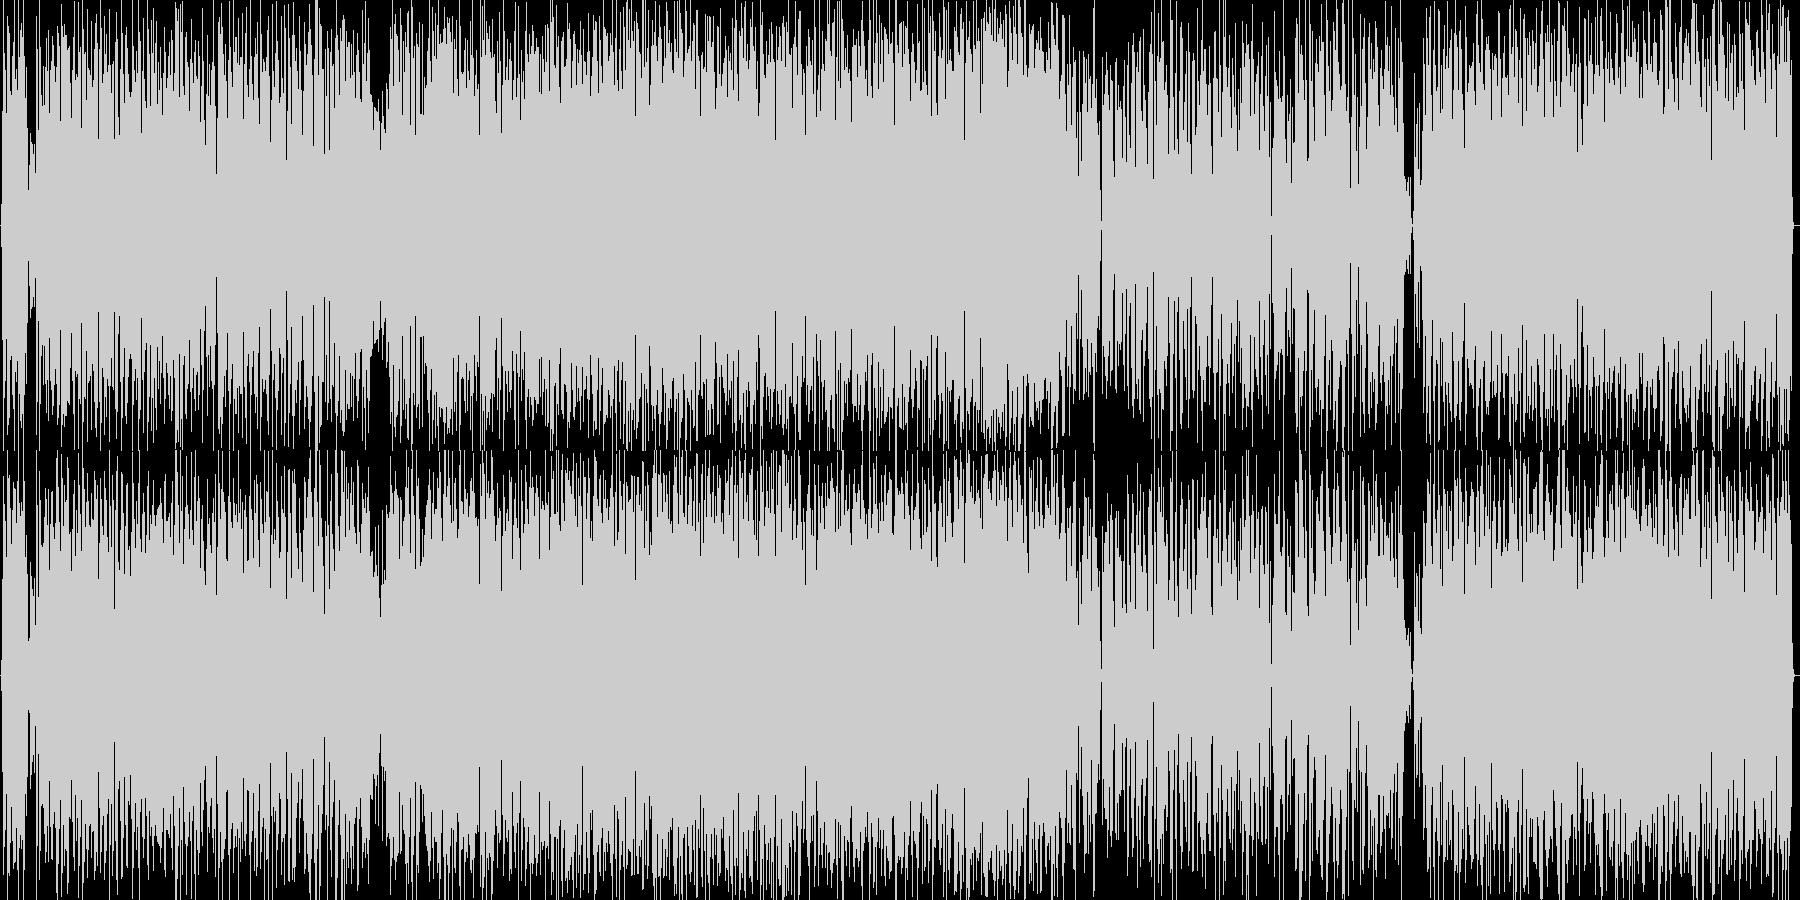 お洒落で軽快なボサノバの未再生の波形